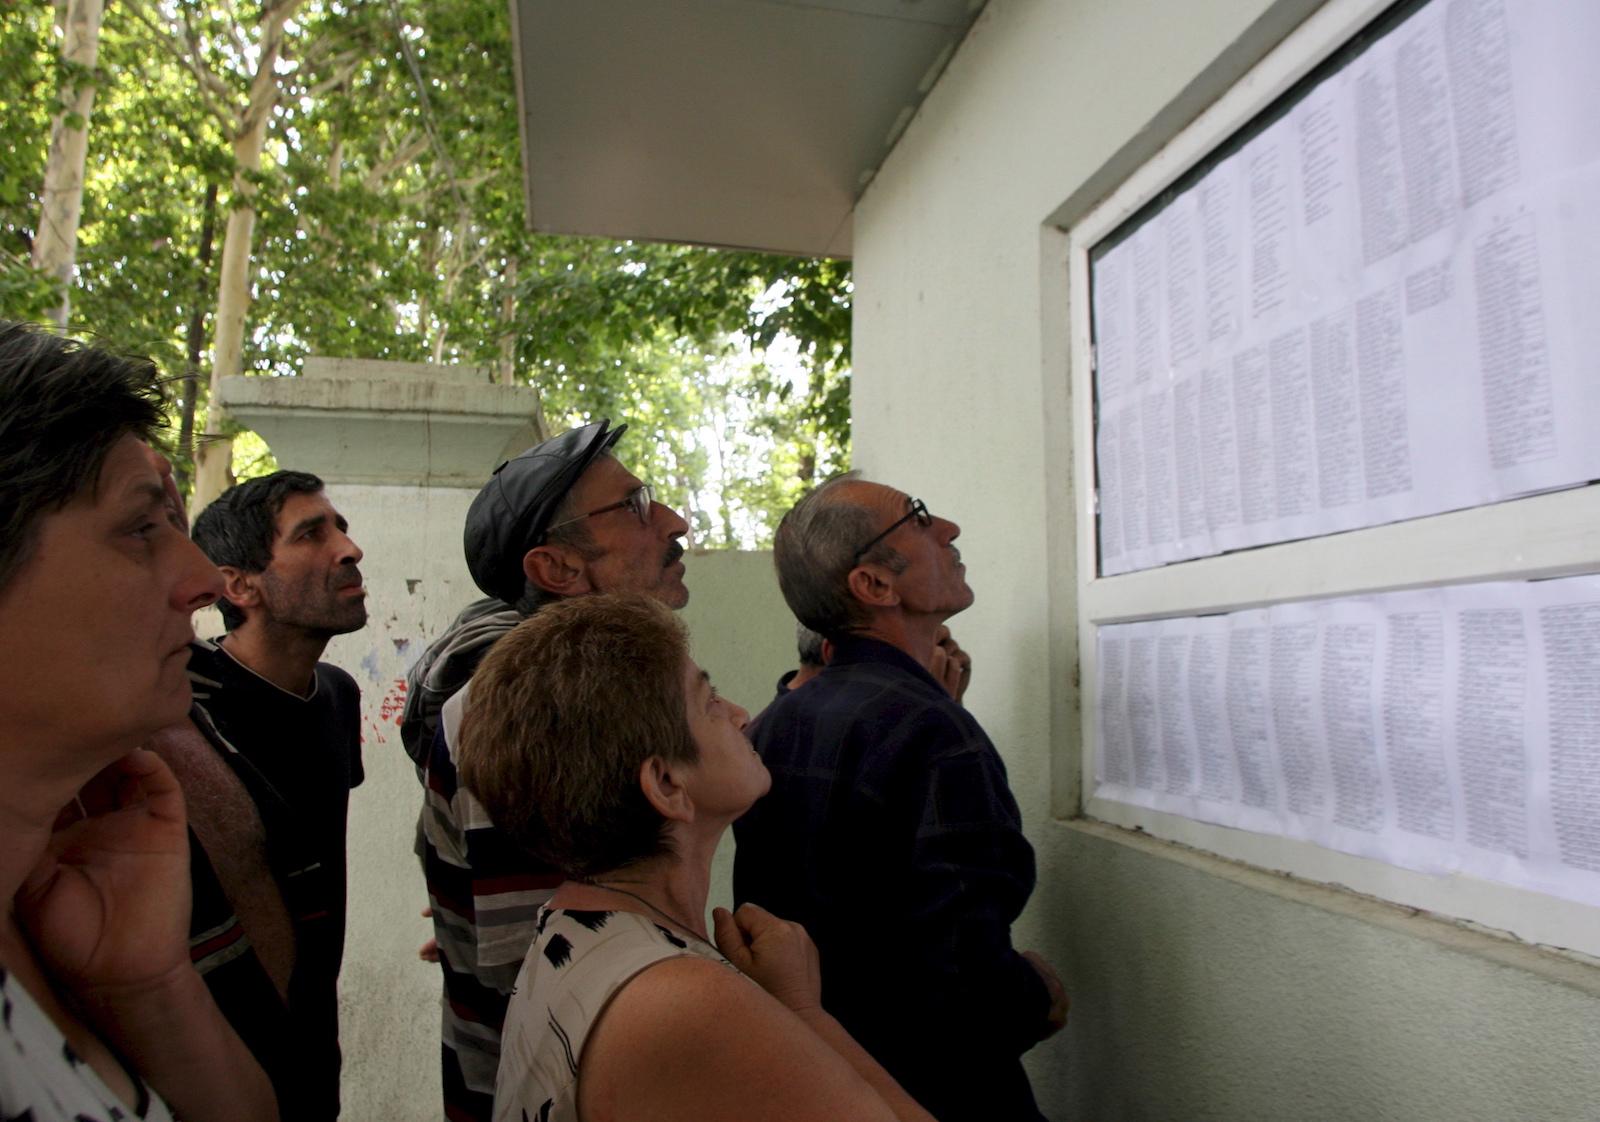 ქართველები გორში ამოწმებენ დაზარალებულებისა და გარდაცვლილების სიას 2008 © EPA/ZURAB KURTSIKIDZE